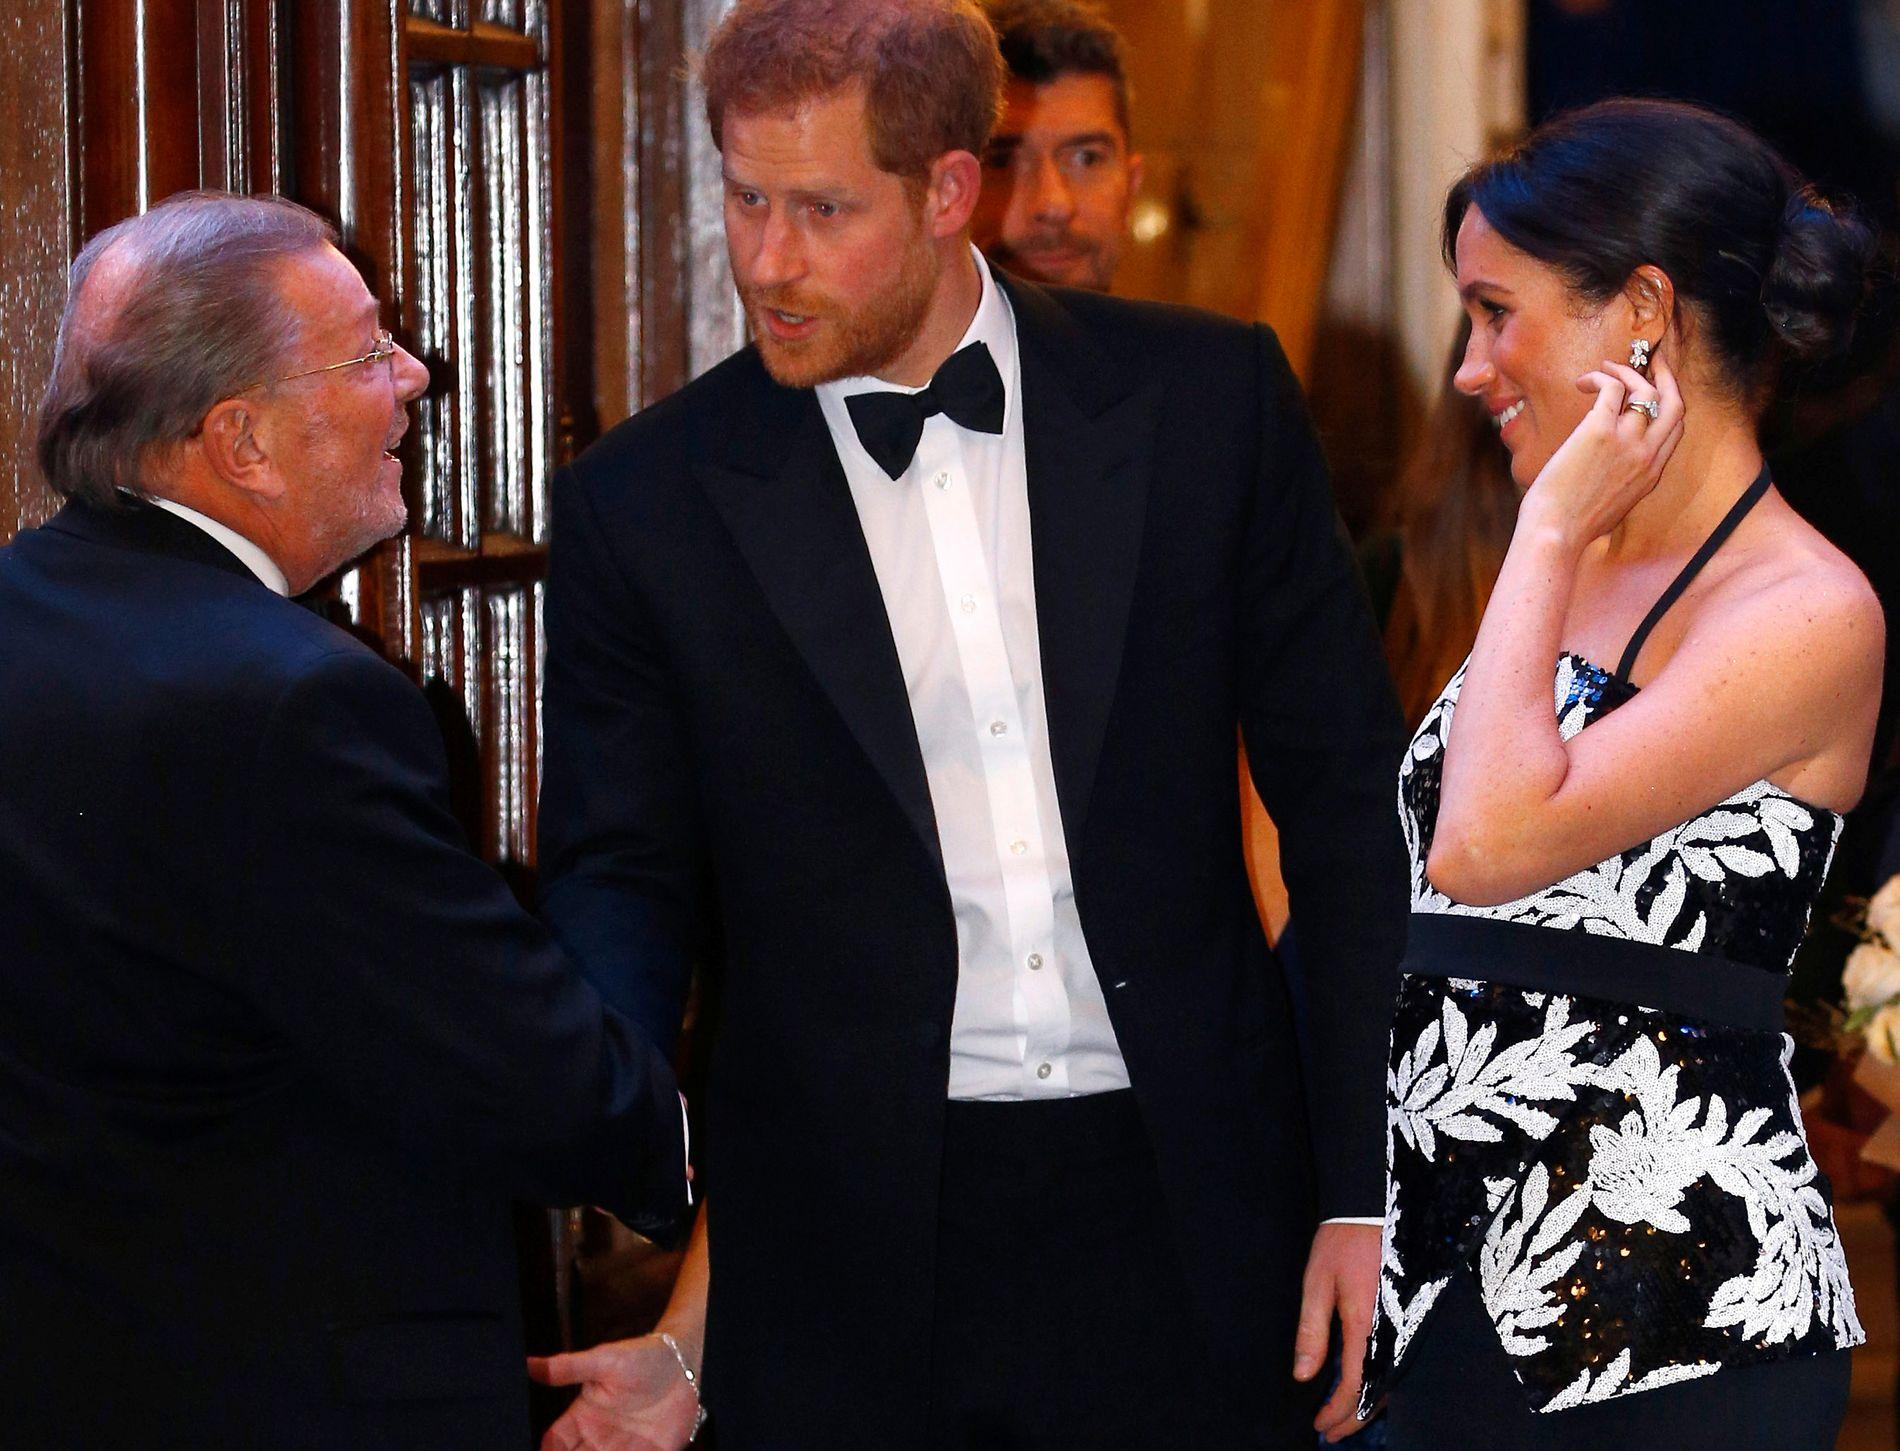 STOR INTERESSE: Mange var møtt fram for å få et glimt av prins Harry og hertuginne Meghan mandag kveld